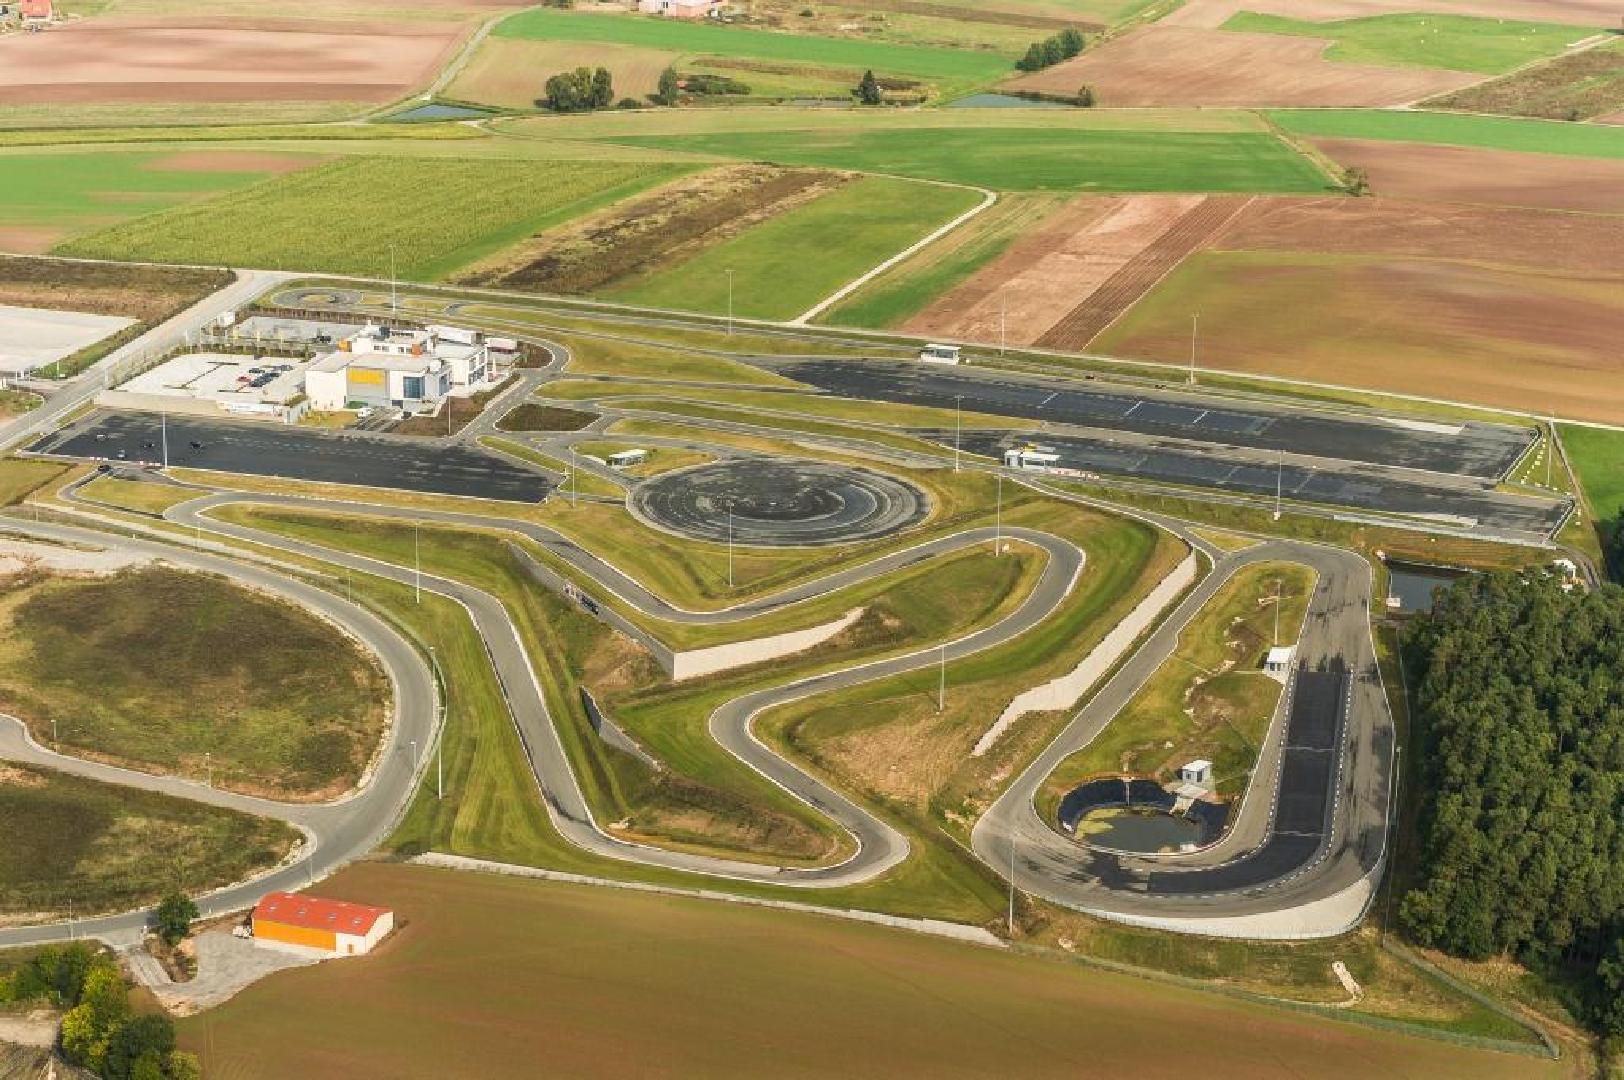 Luftbild der Anlage